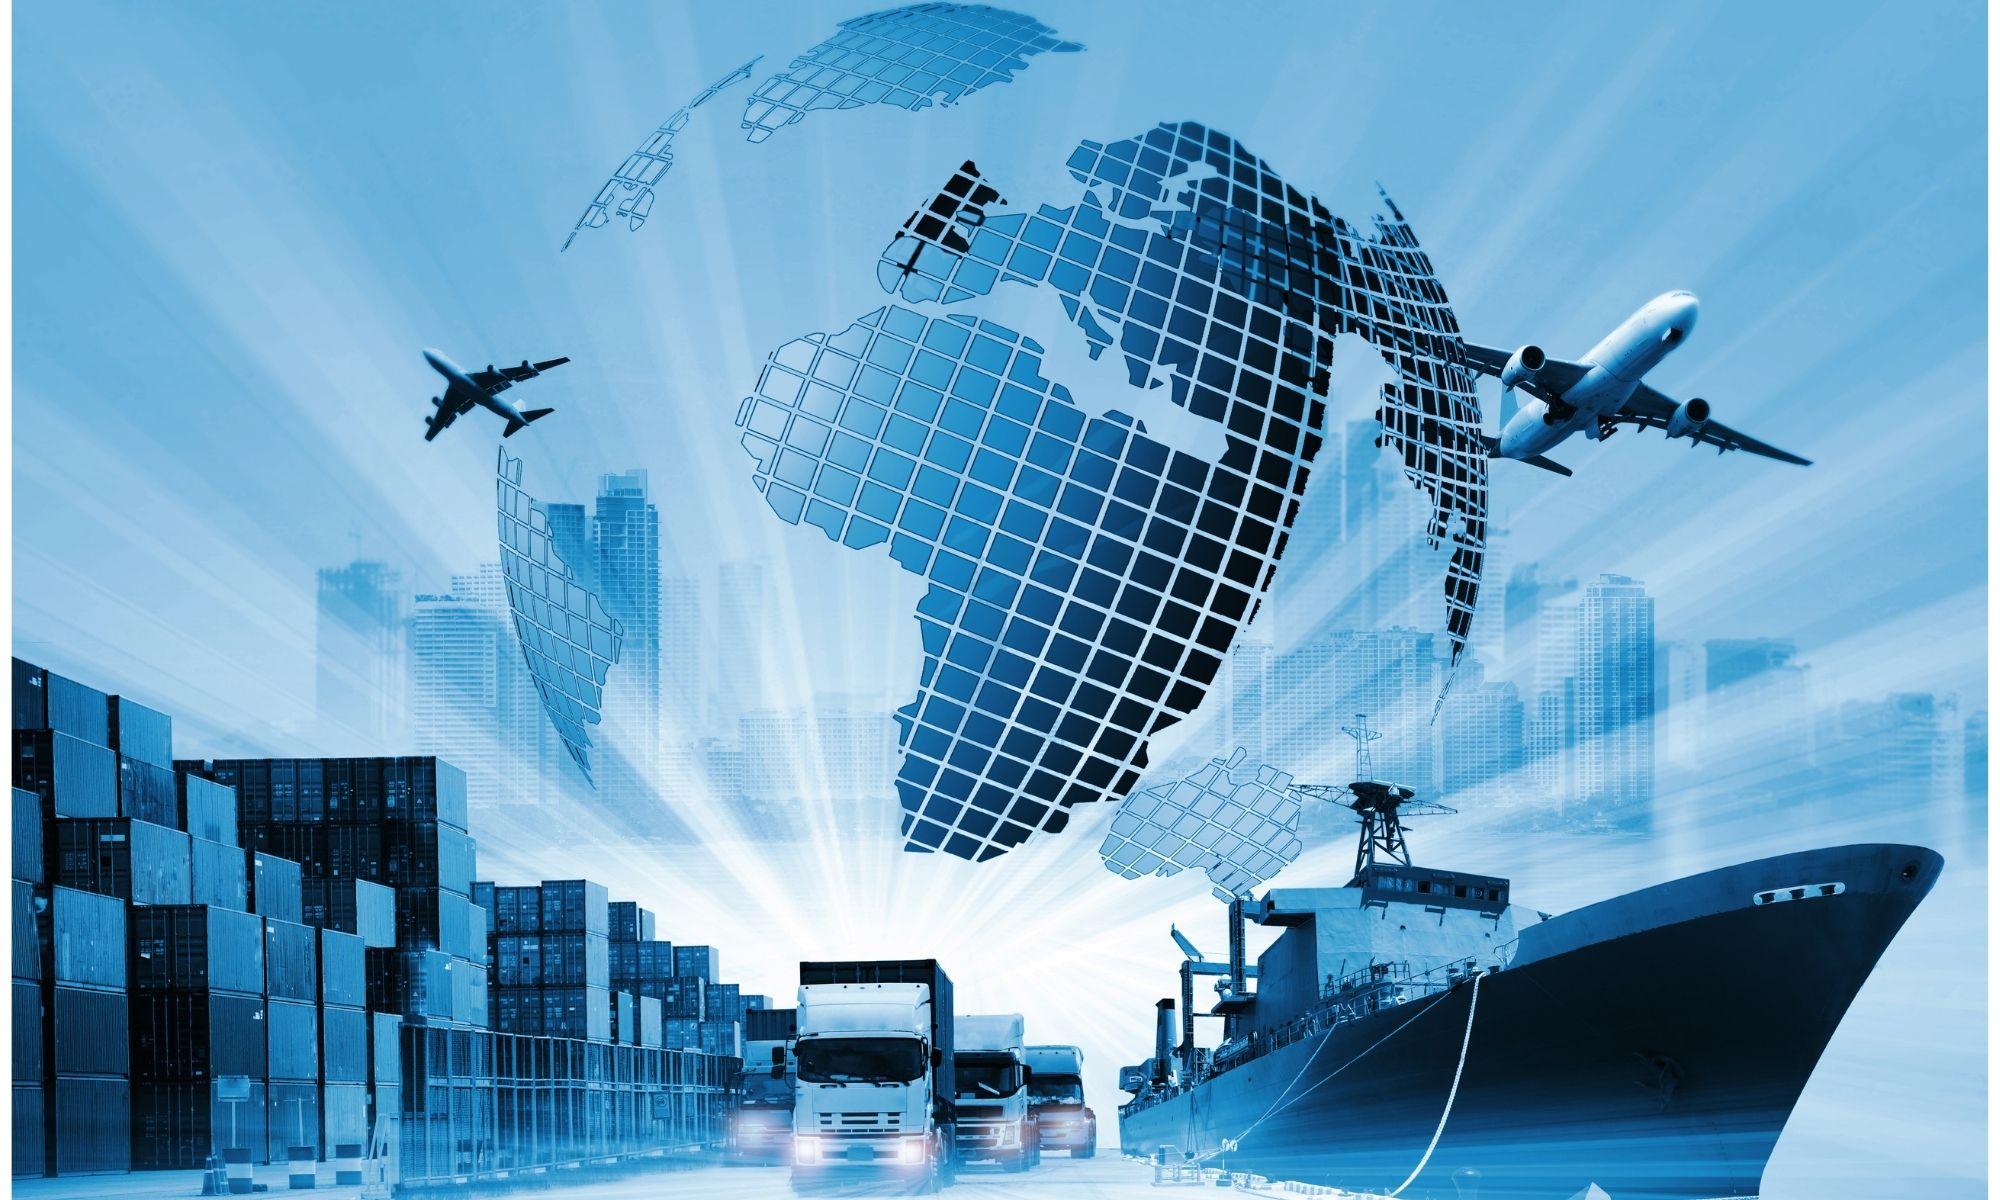 La Team France Export cartographie l'impact économique de la crise dans 60 pays